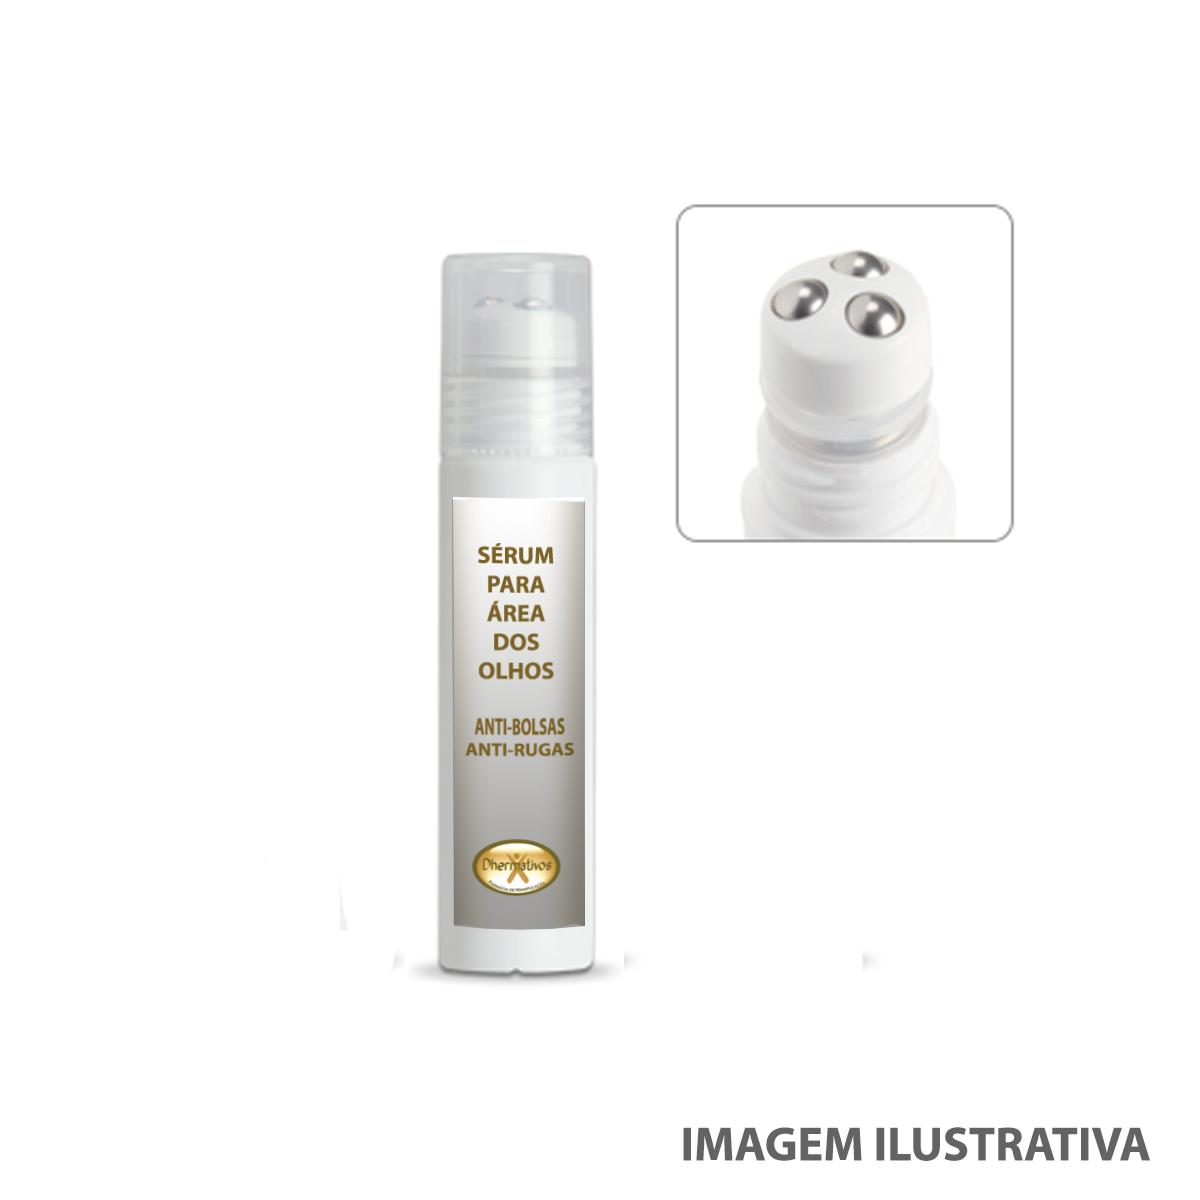 Sérum Para Área dos Olhos Anti-bolsas e Rugas 10ml